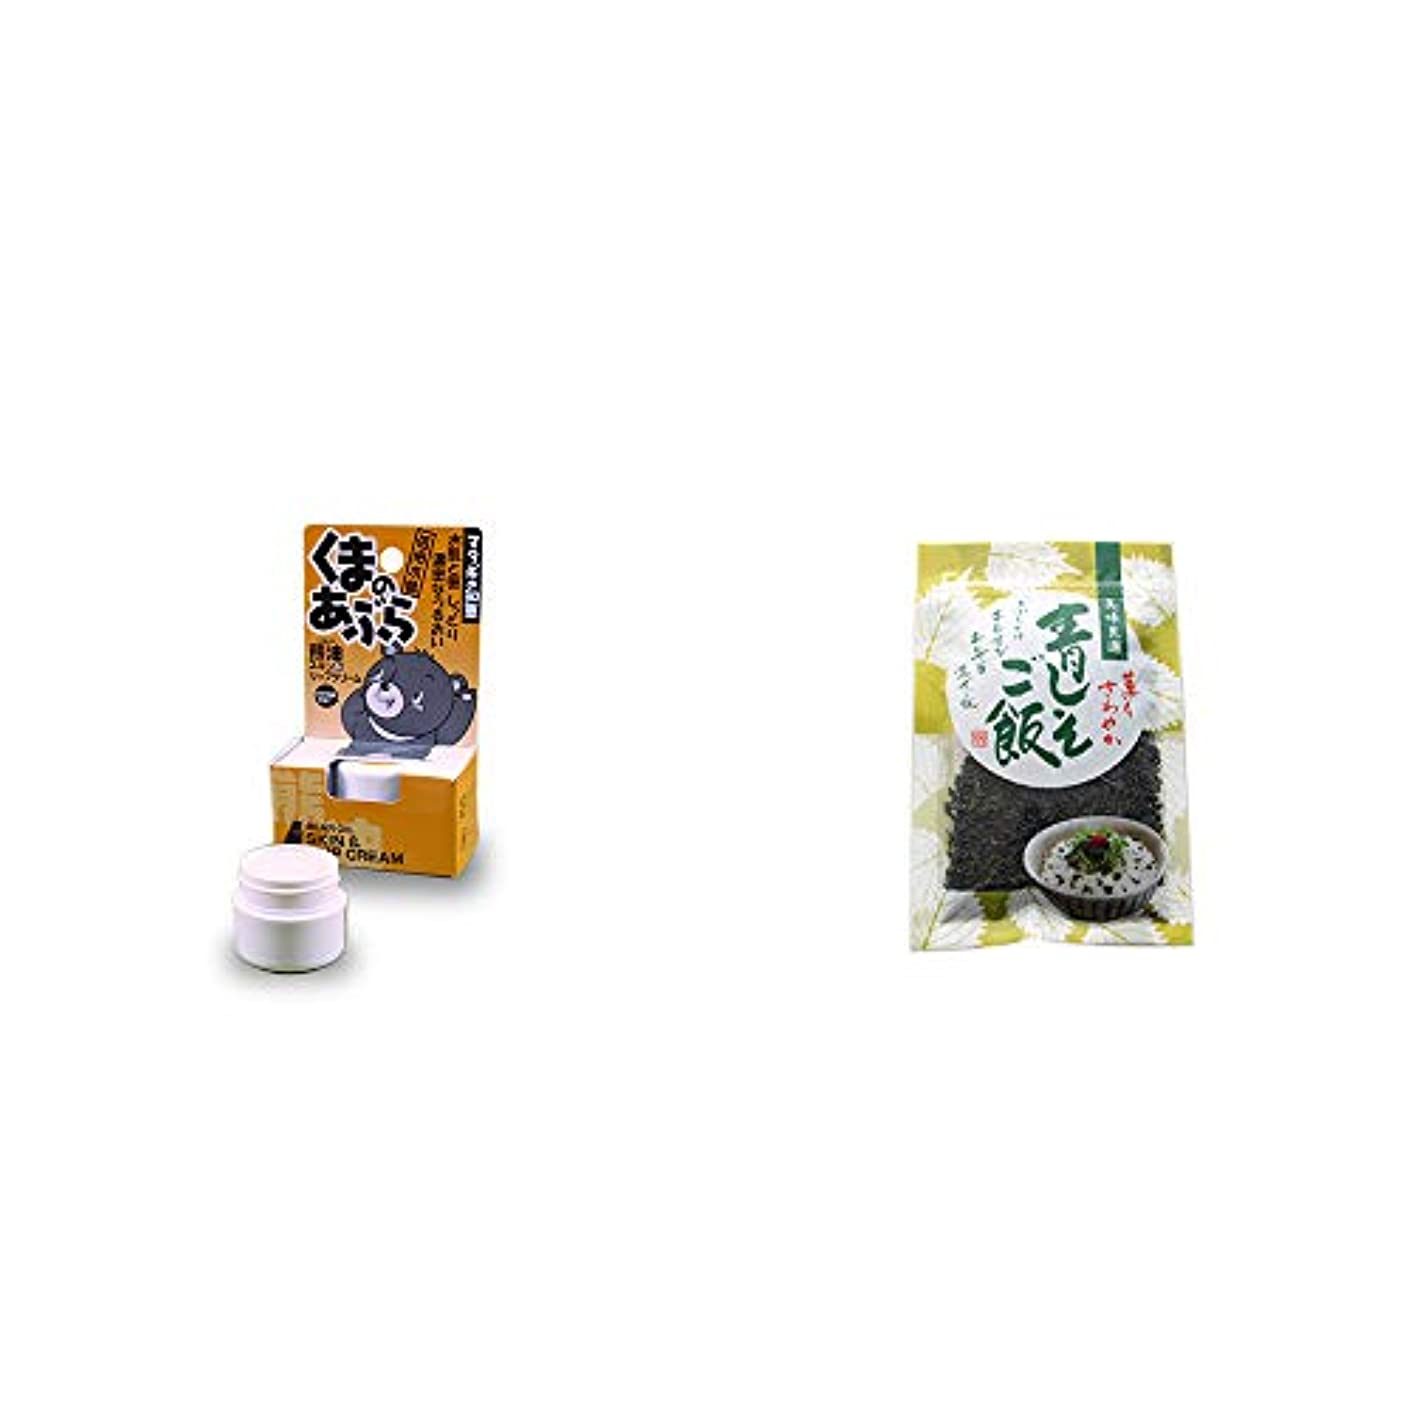 ぺディカブ絶壁楽しい[2点セット] 信州木曽 くまのあぶら 熊油スキン&リップクリーム(9g)?薫りさわやか 青しそご飯(80g)